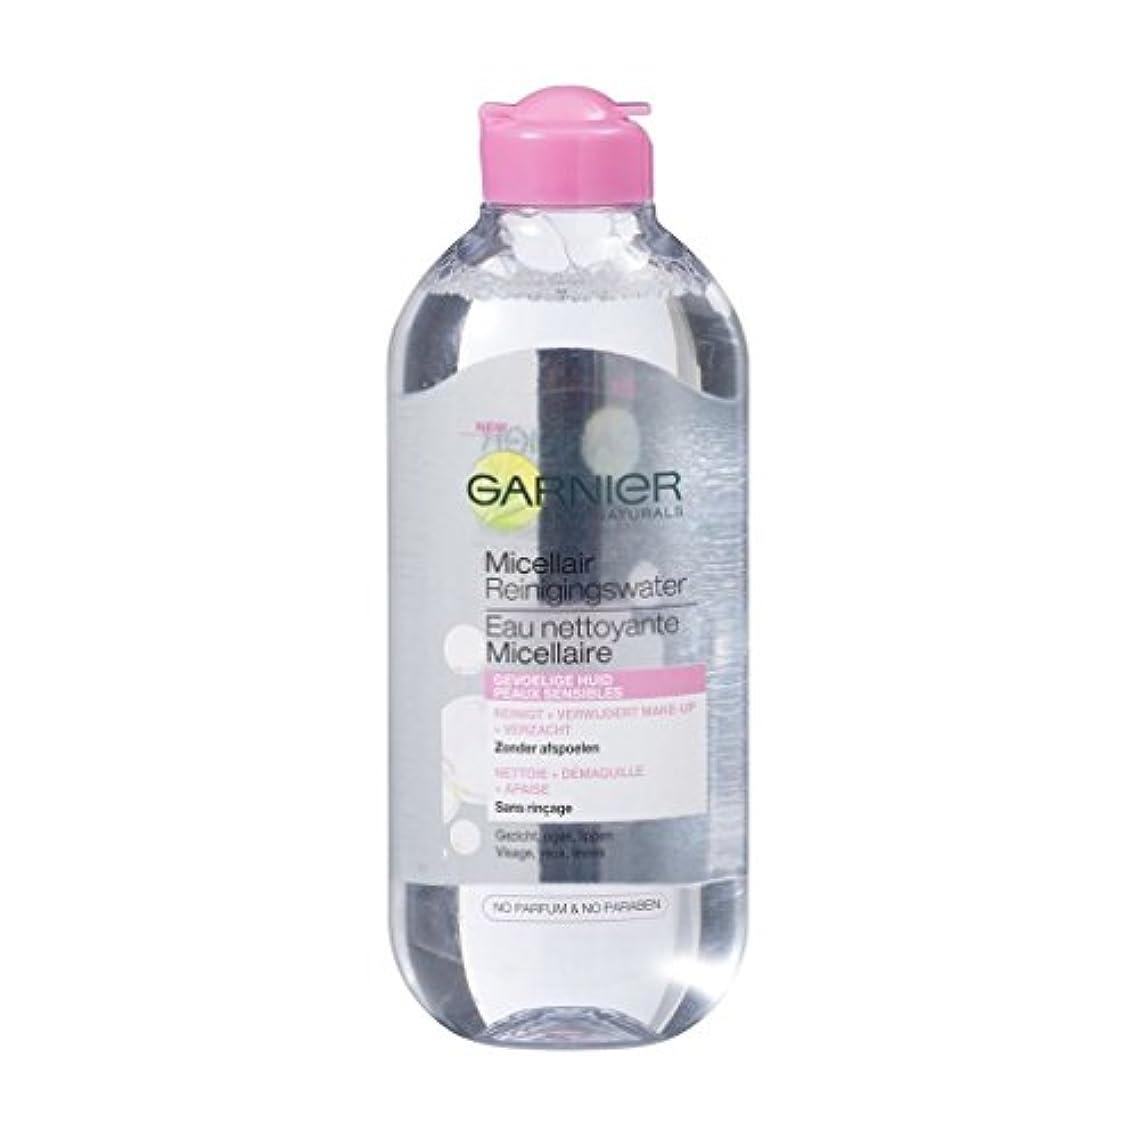 有毒失望実装するガルニエ SkinActive Micellar Water (No Perfume & Paraben) - For Sensitive Skin 400ml/13.3oz並行輸入品